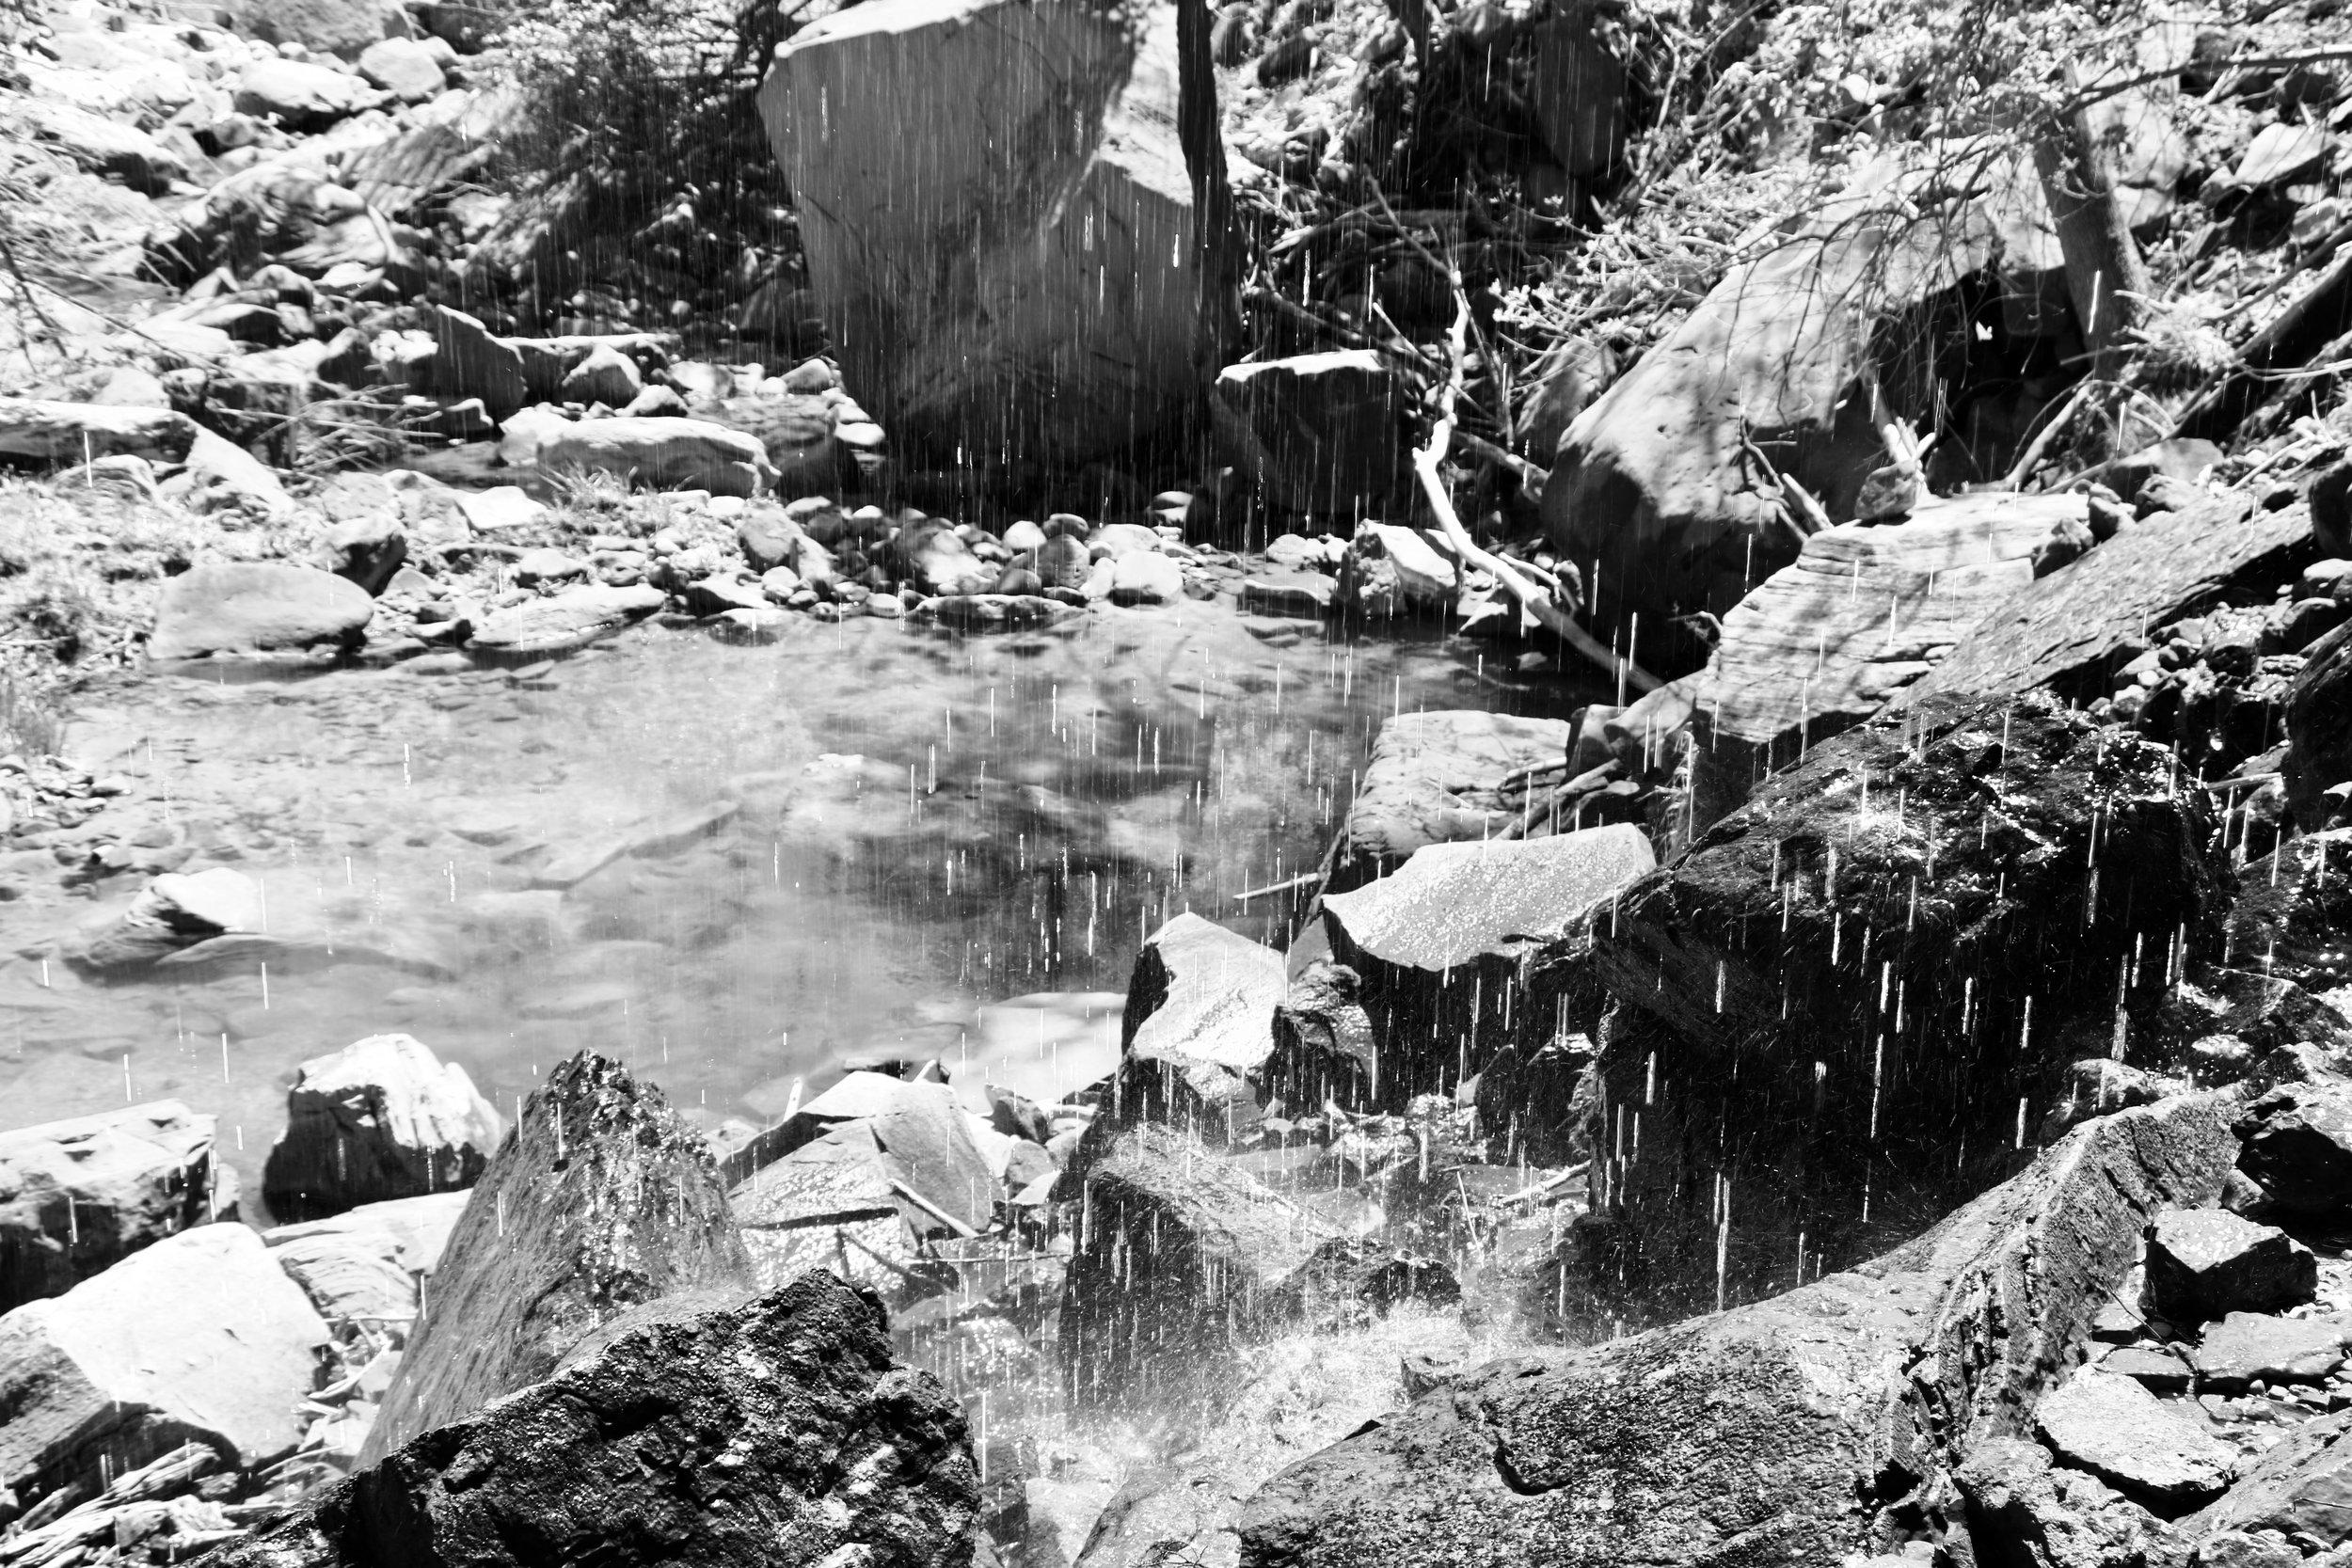 Beneath Emerald Falls - Zion